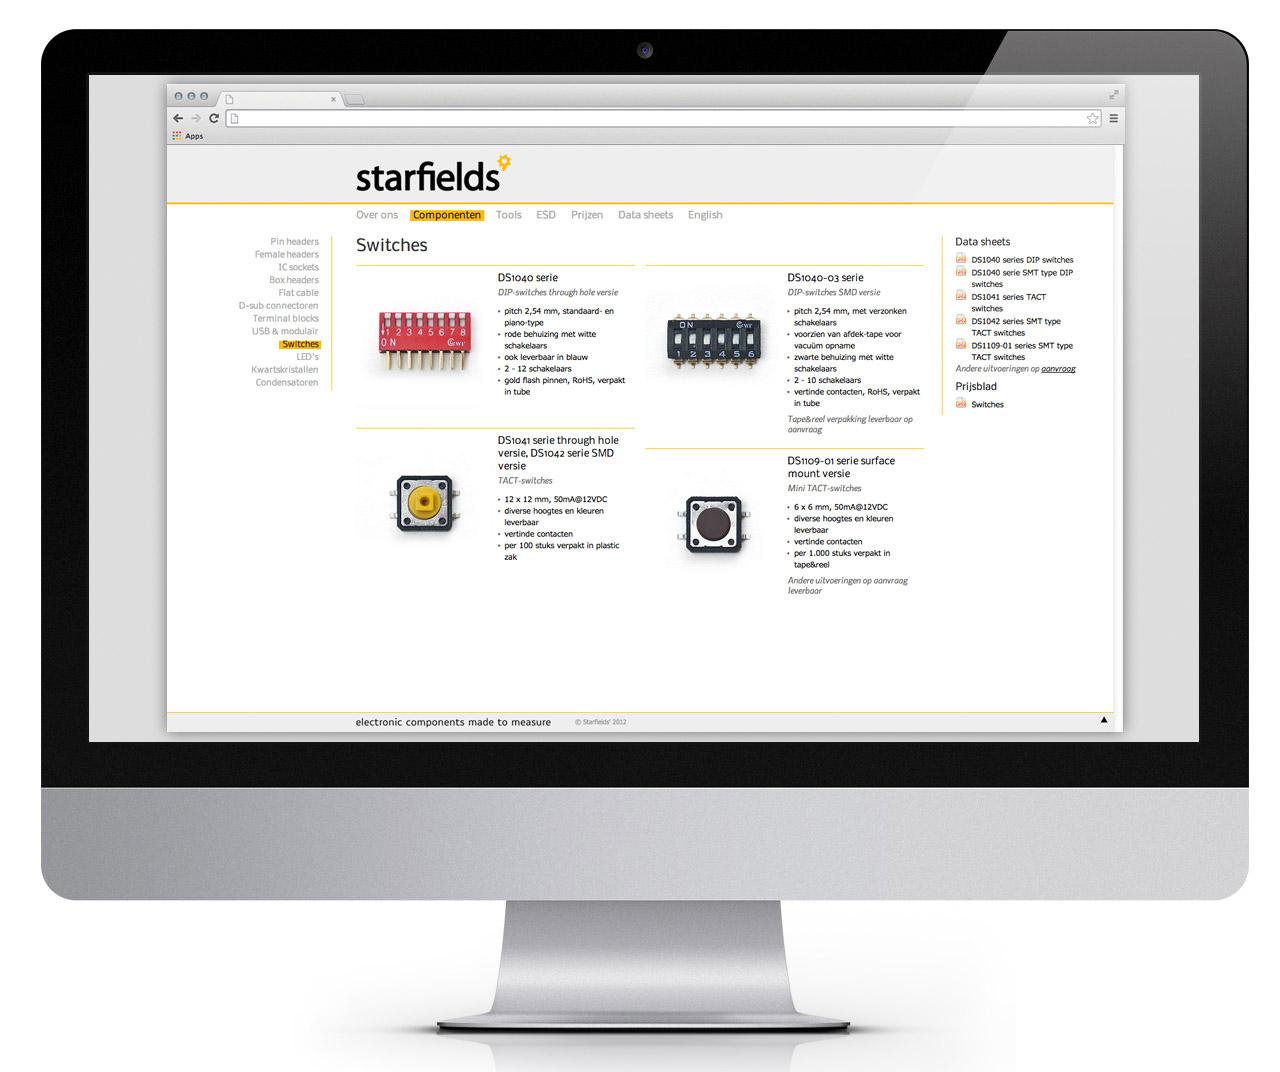 Starfields', website